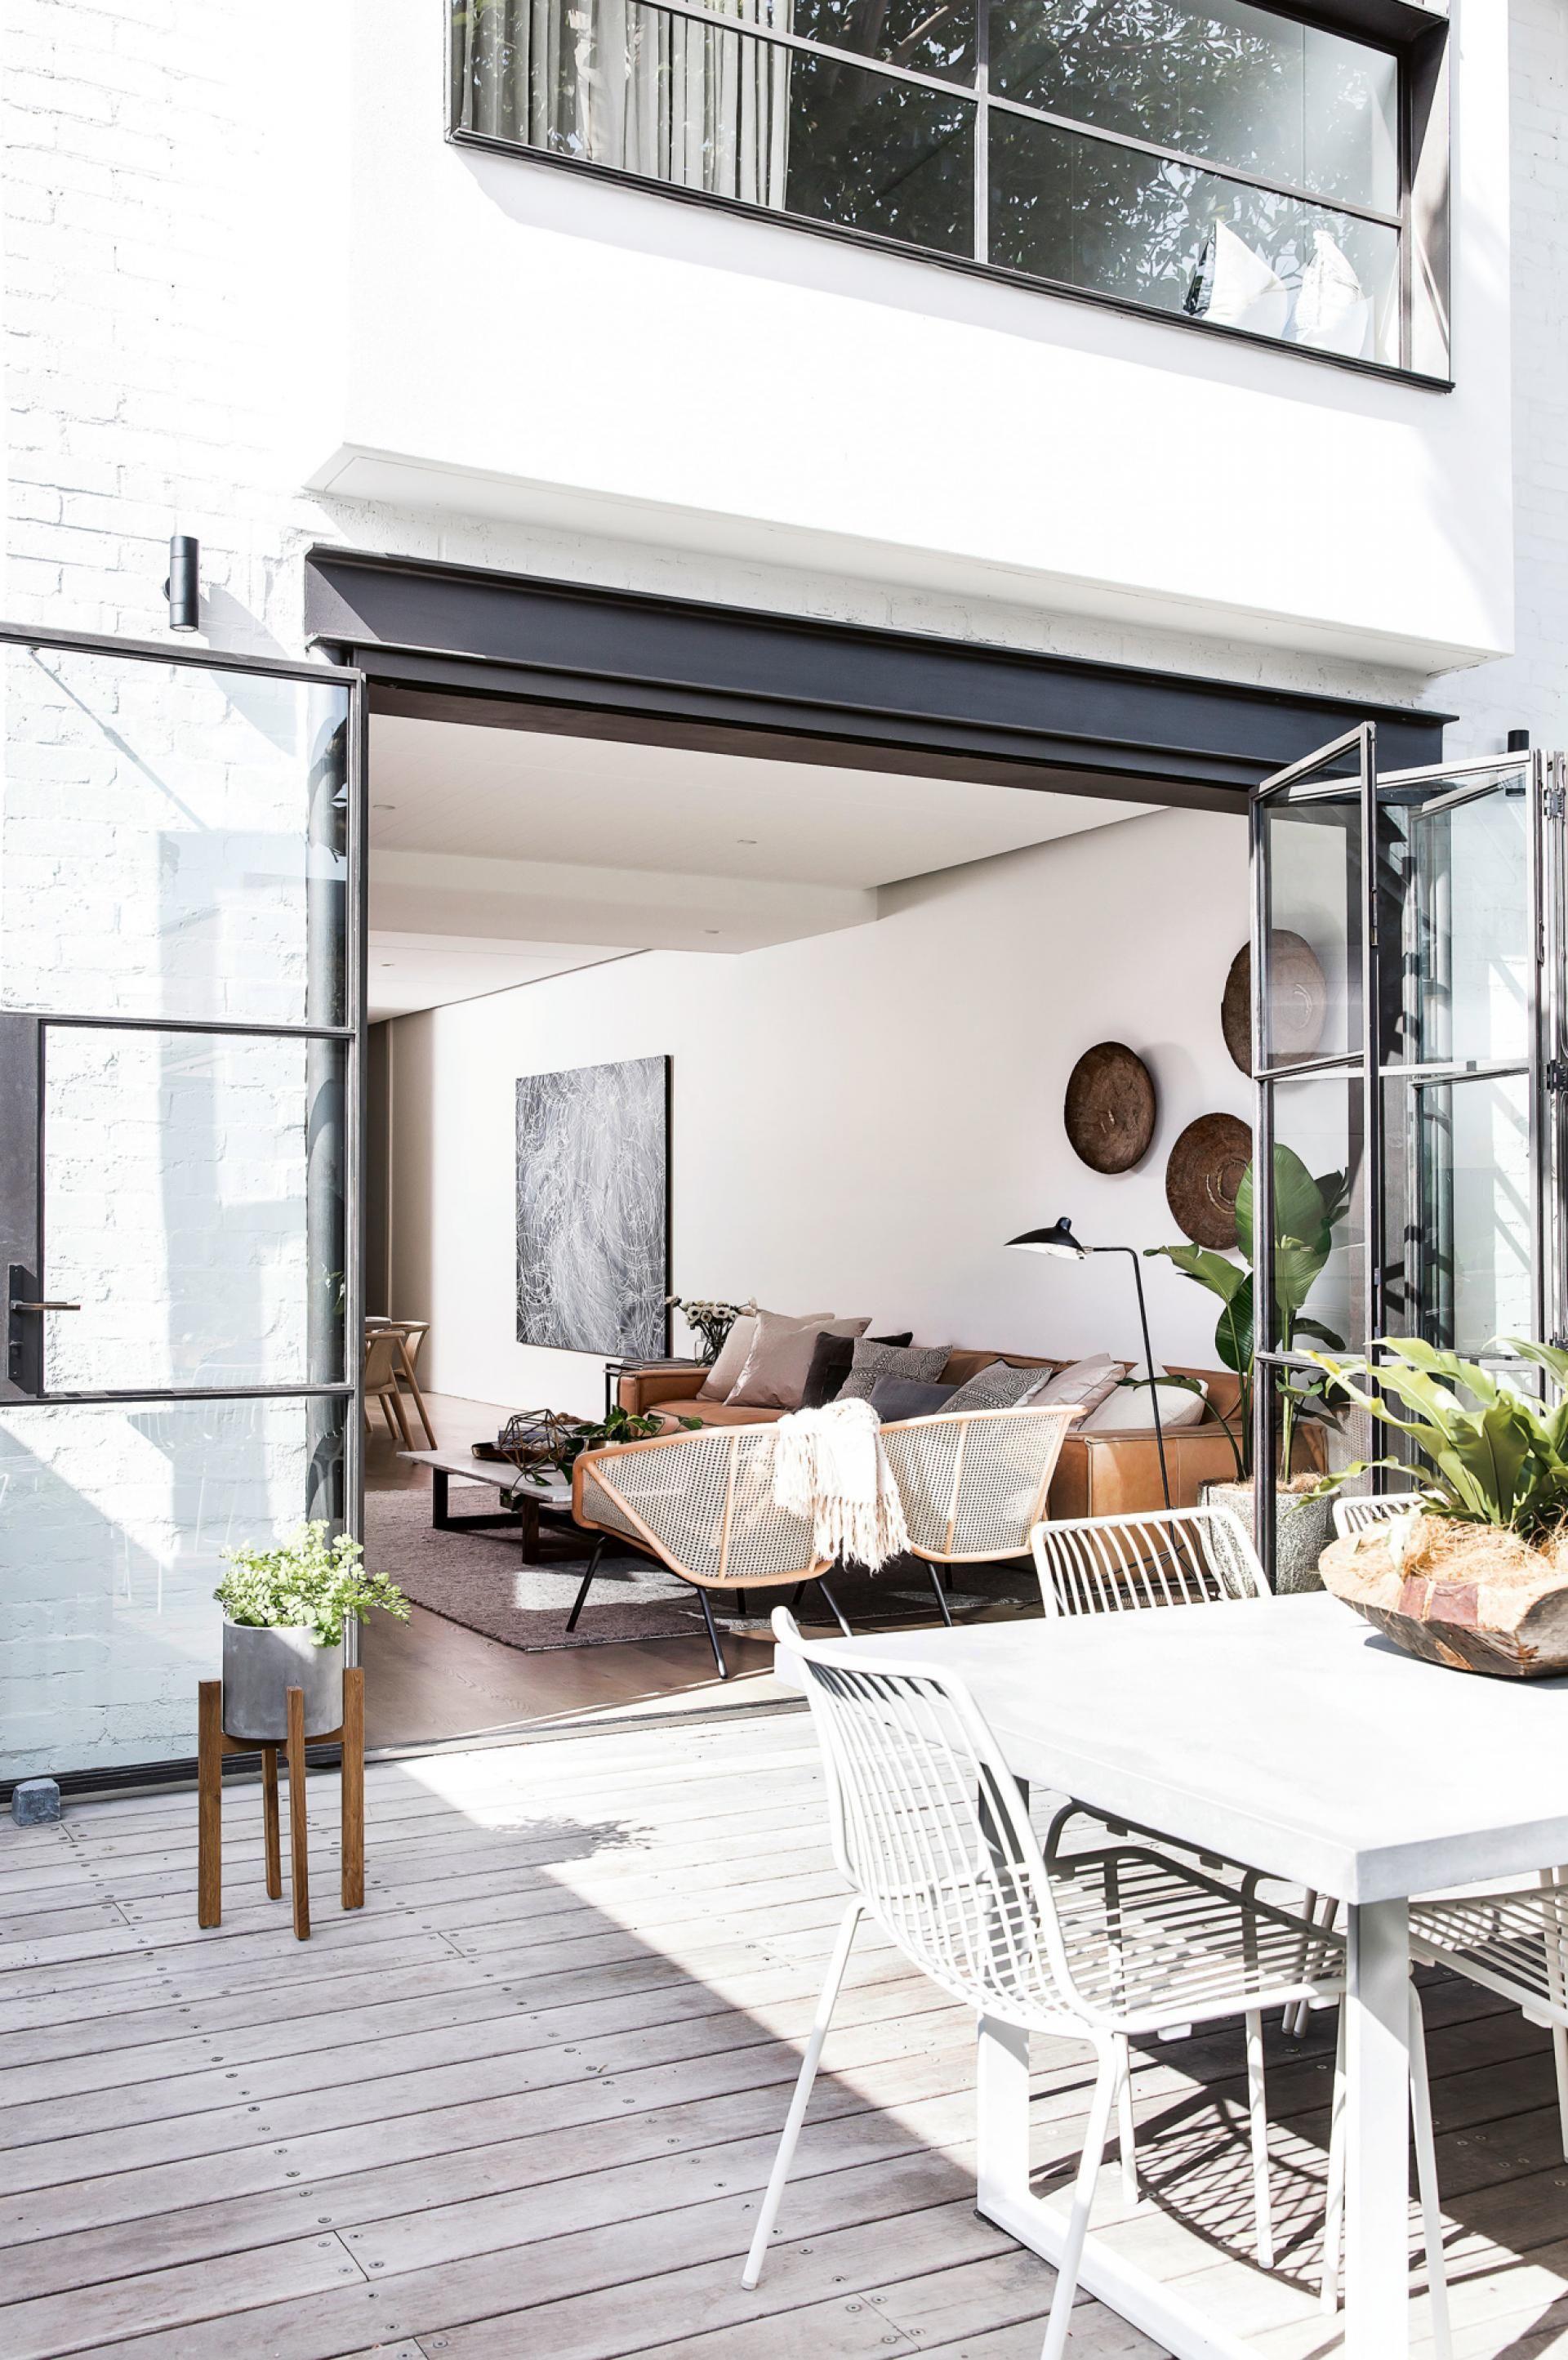 Minimalist Outdoor Inspiration | Pinterest | Terrace design, Villa ...